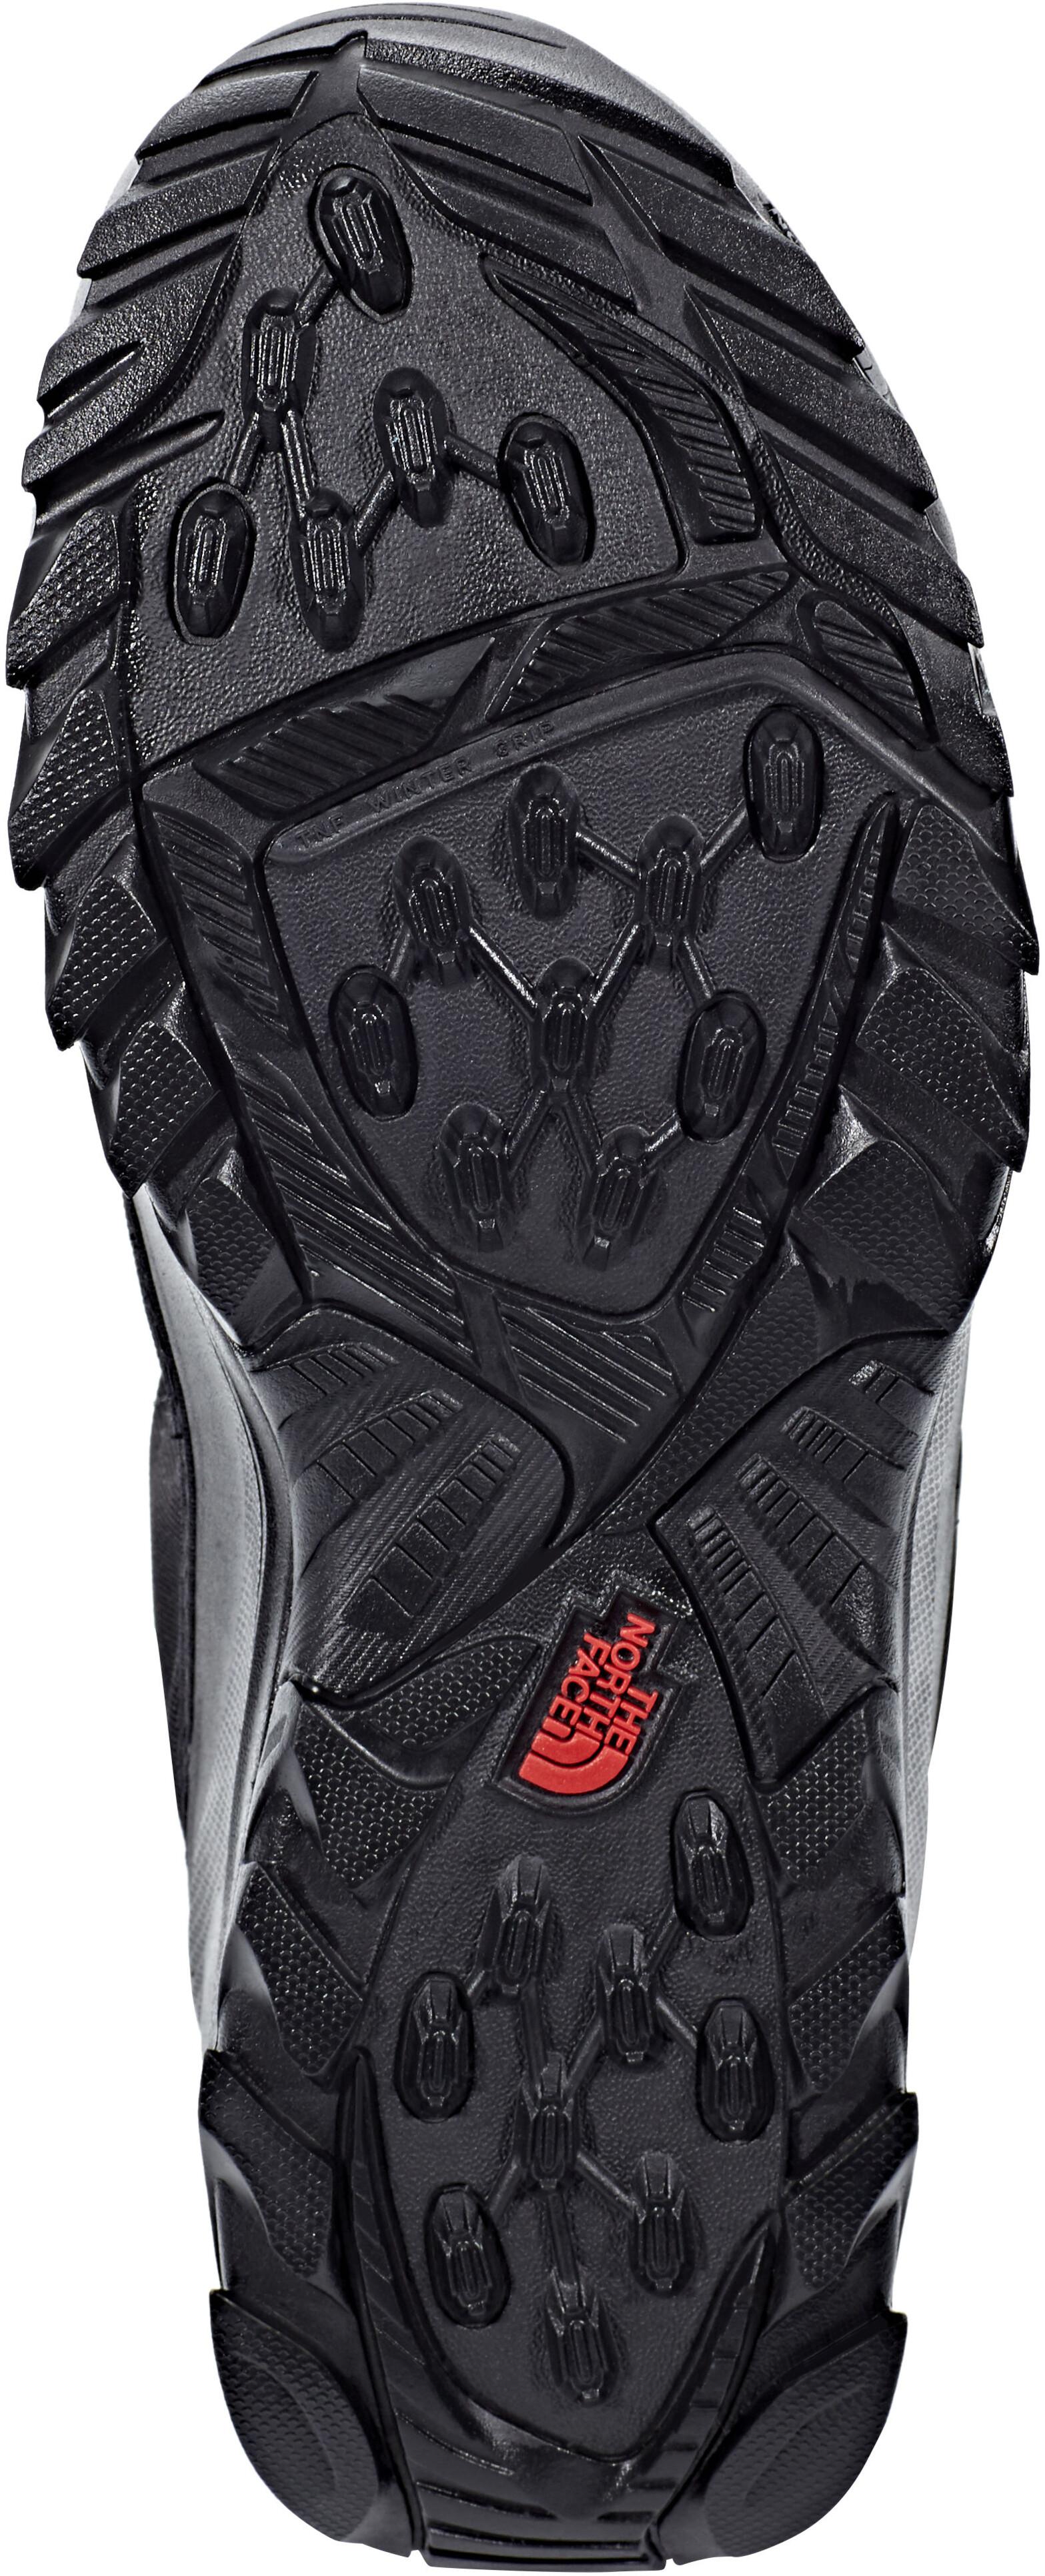 7208d6db57 The North Face Tsumoru Boots Men tnf black/dark shadow grey at ...